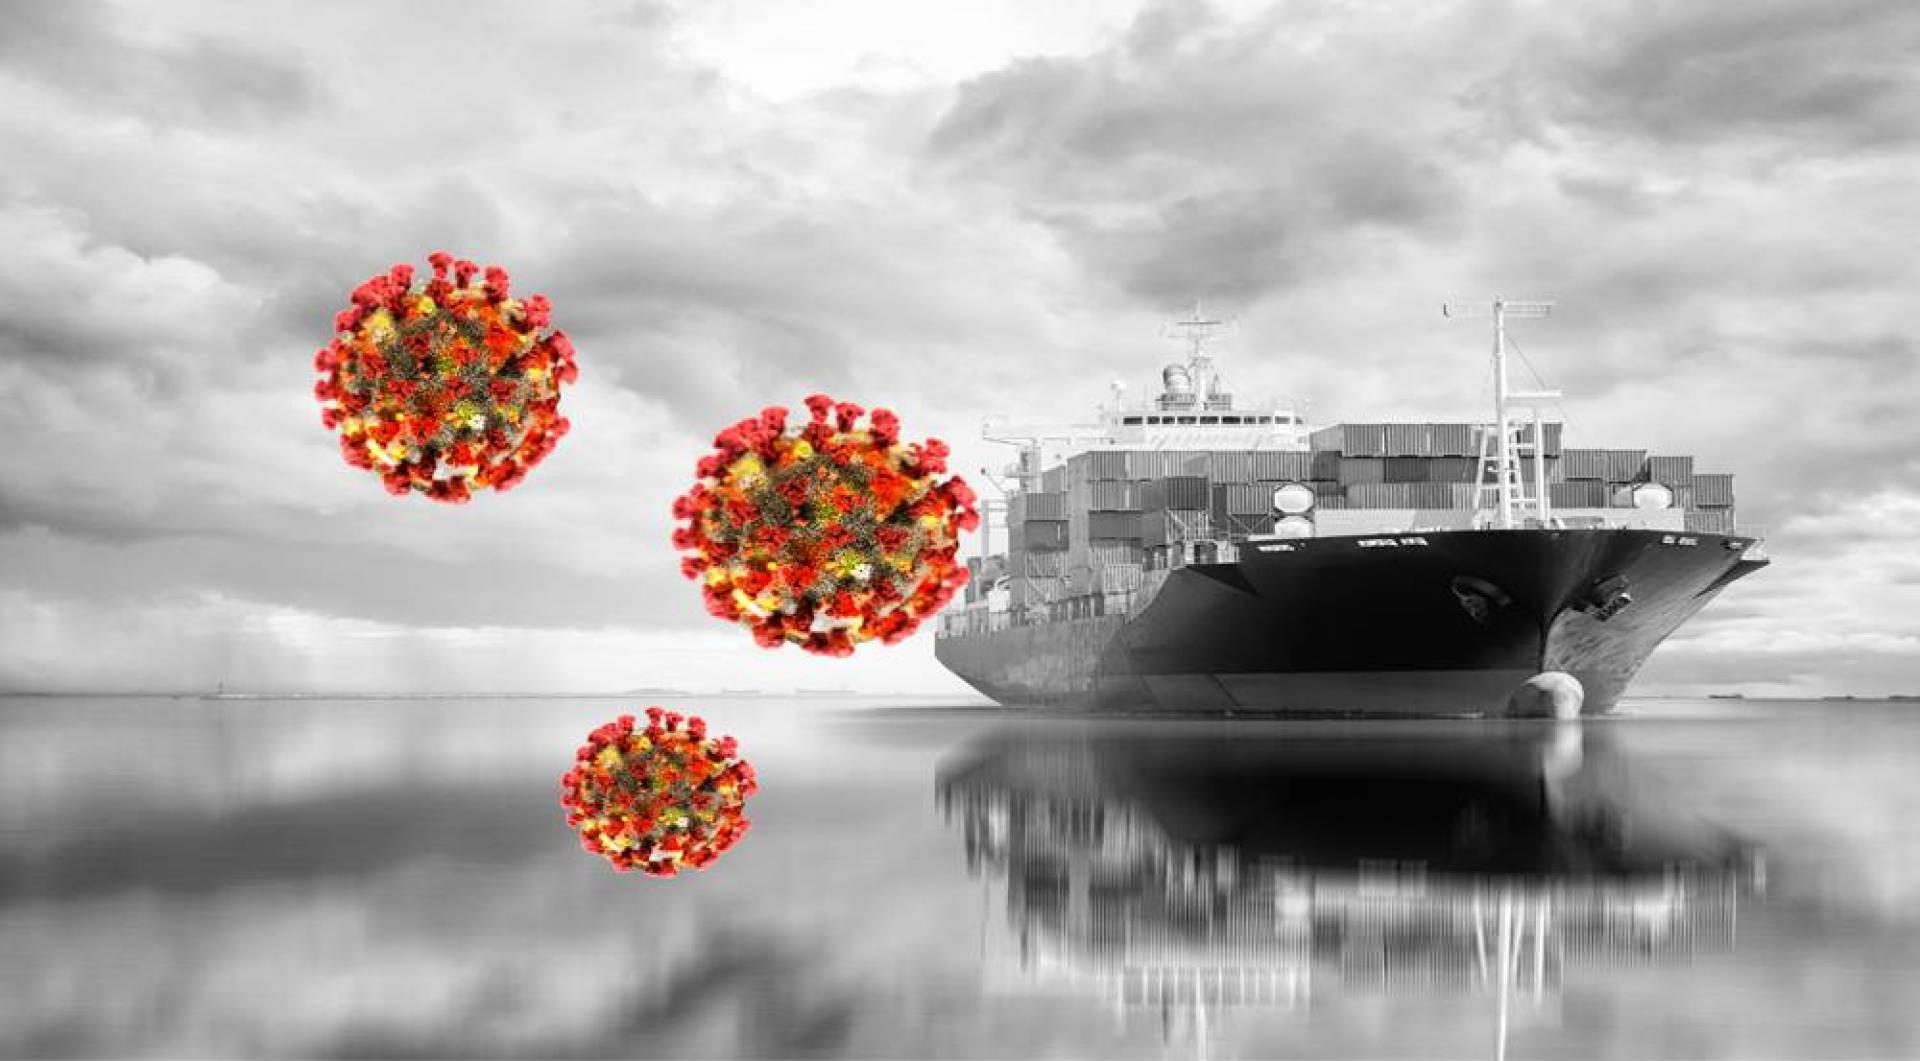 400 ألف بحار عالقون على السفن التجارية بسبب «كورونا»